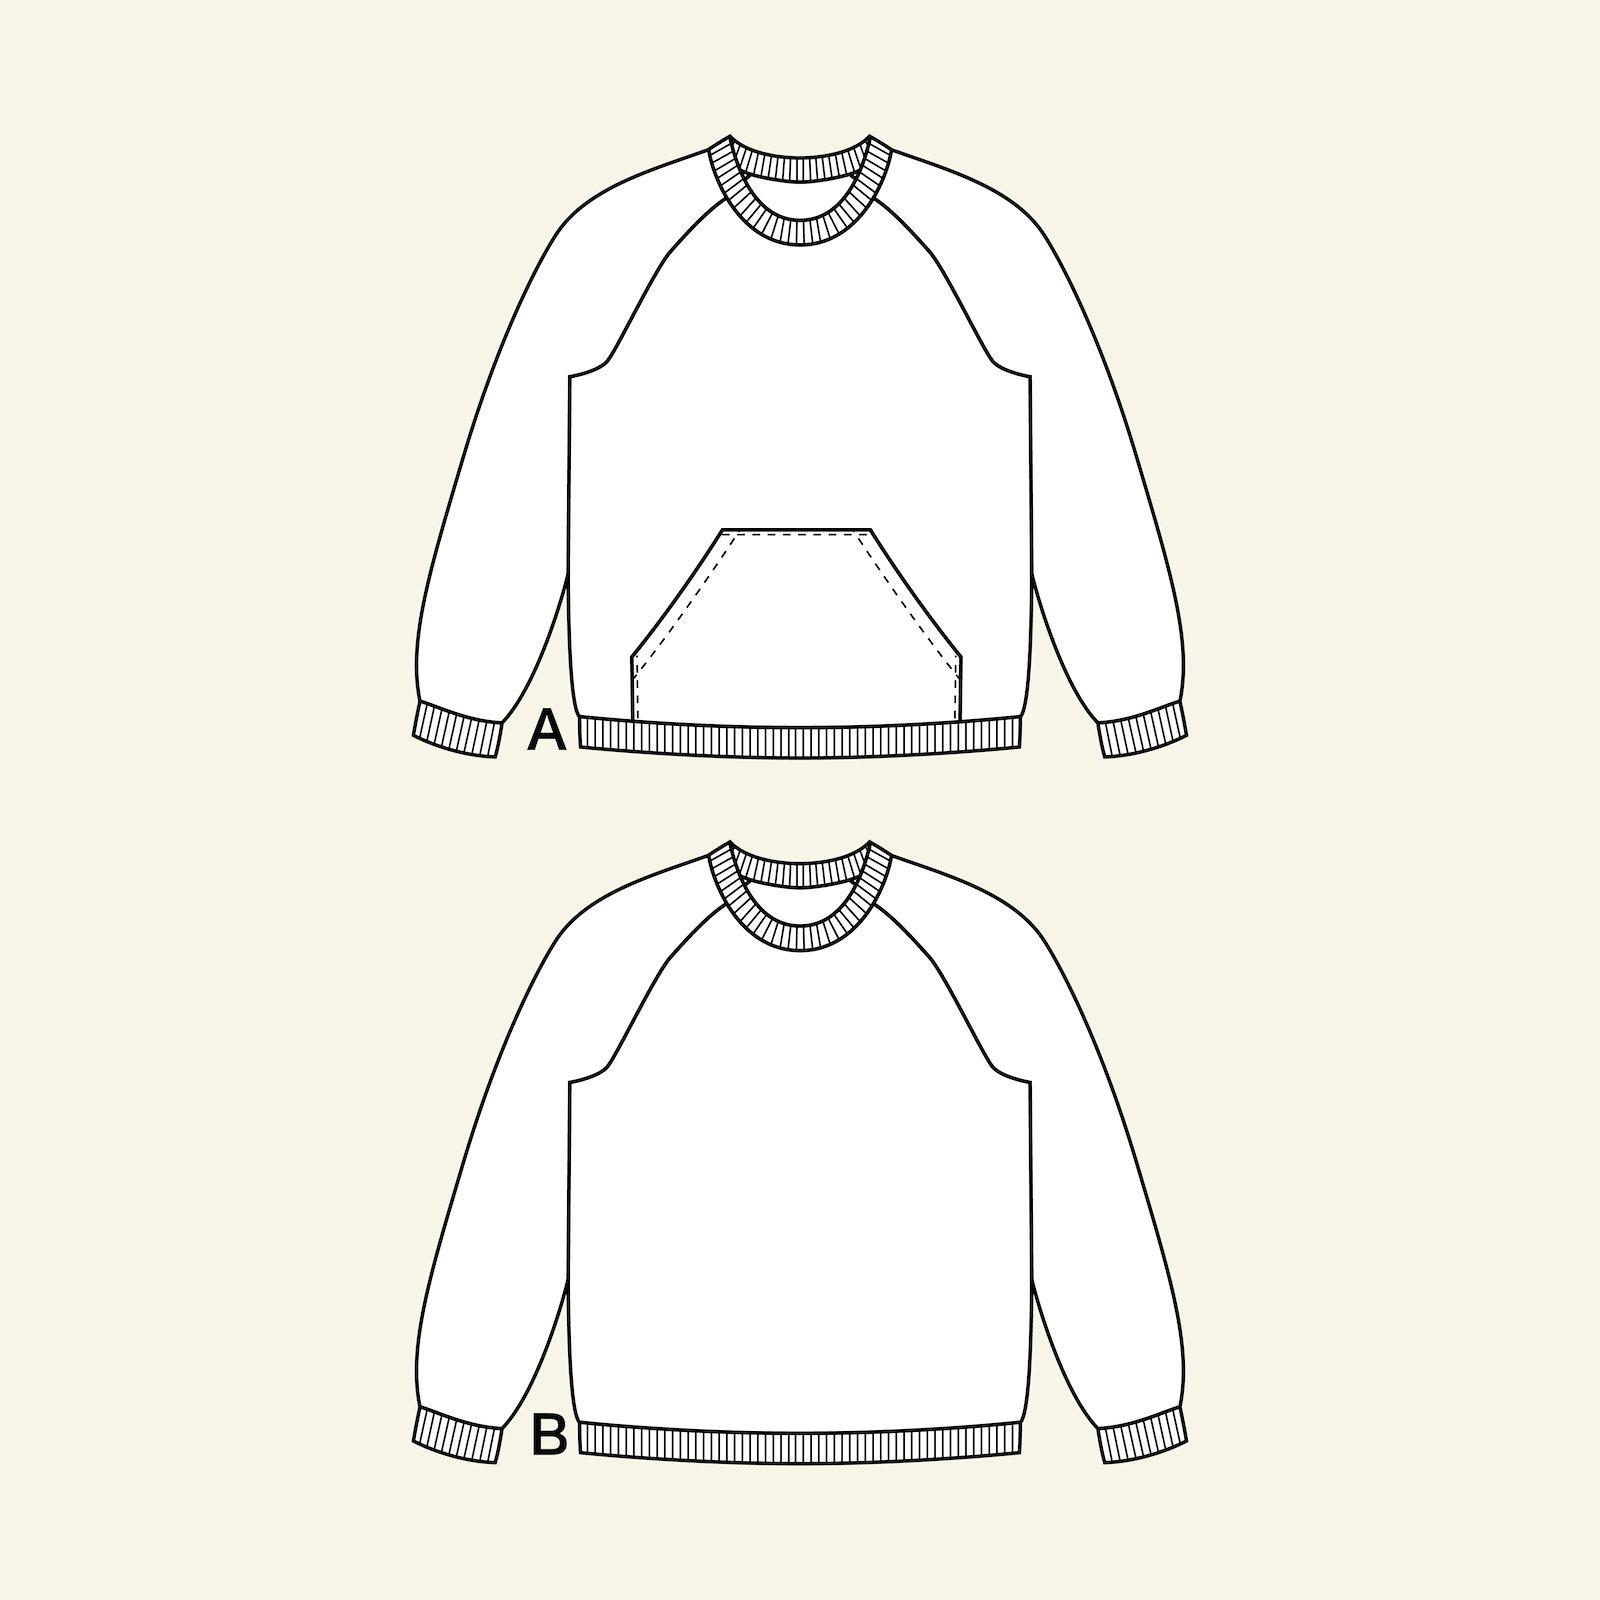 Sweatshirt with raglan sleeves, 98/3y p62015_pack